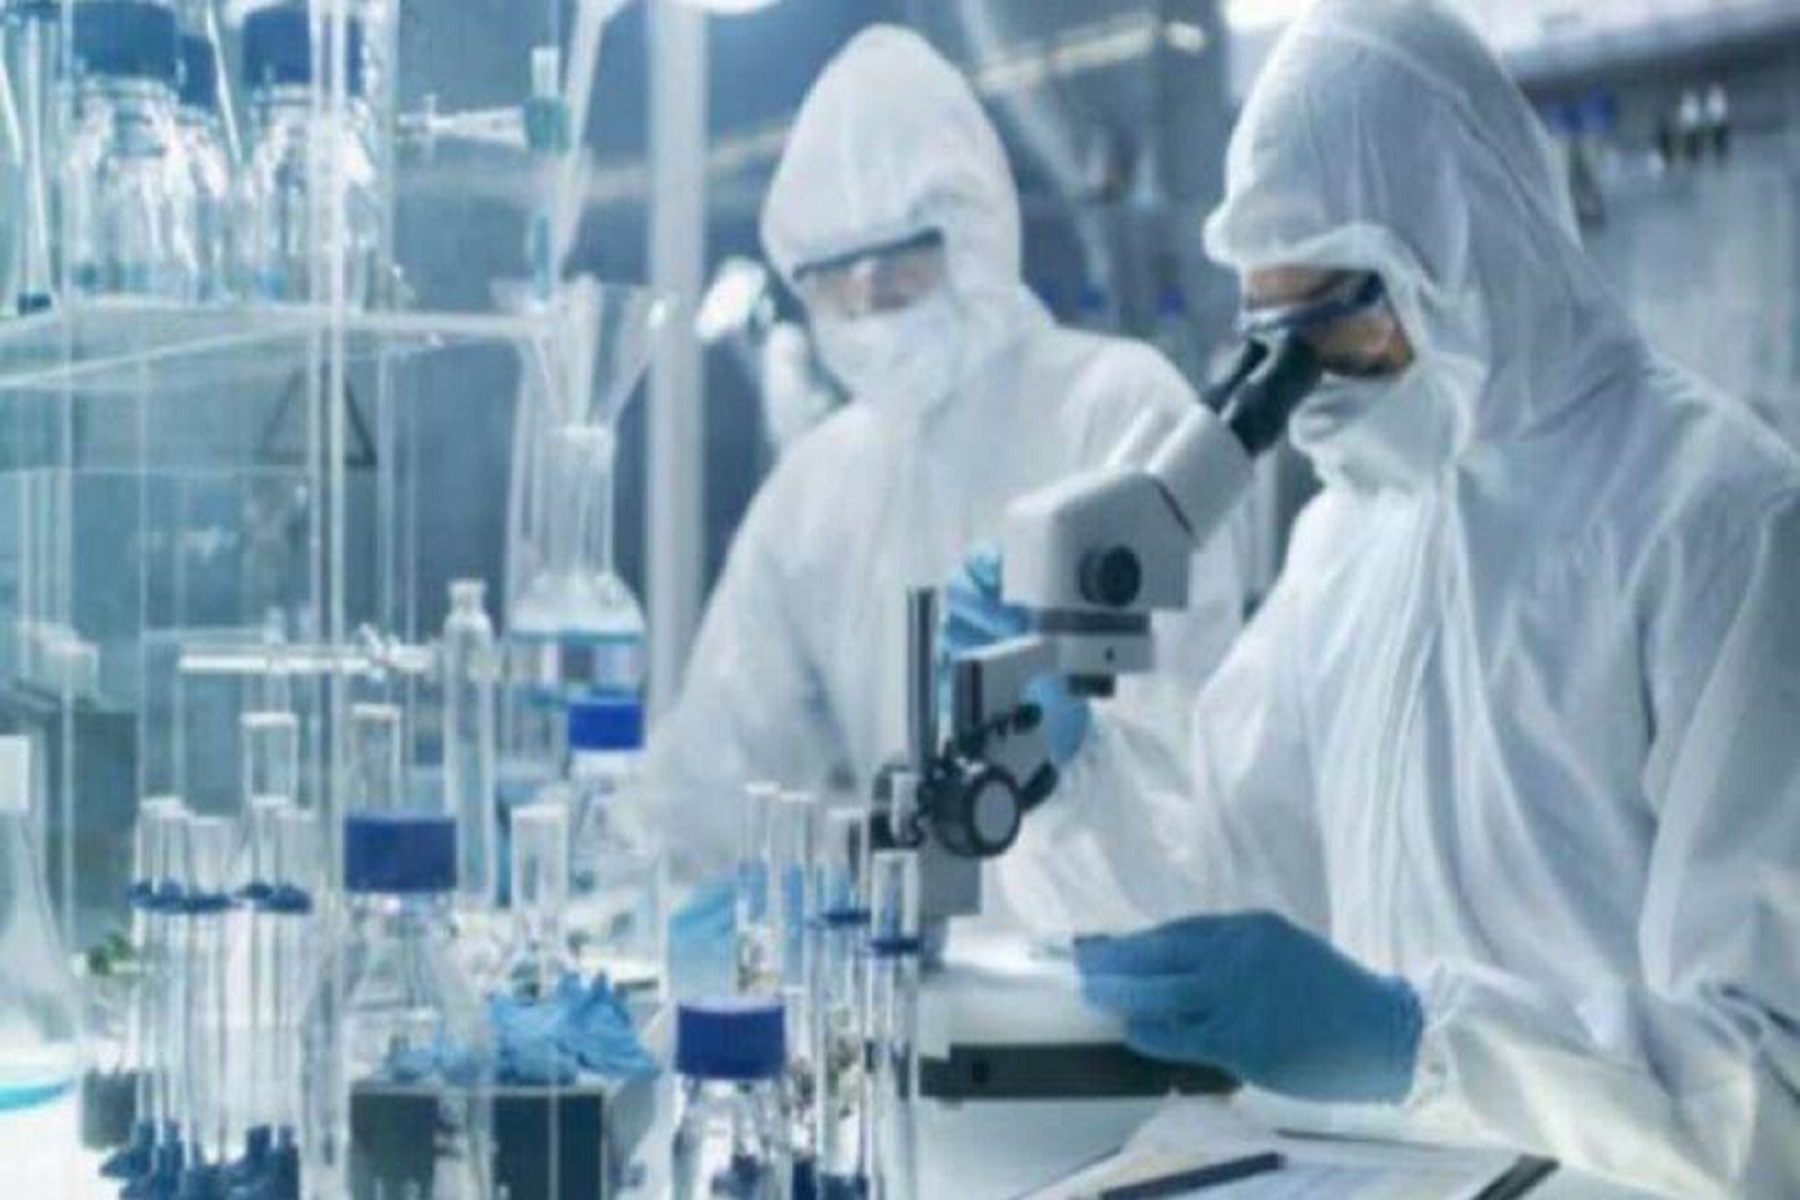 Ελβετική Βιοτεχνολογία: Το φάρμακο αντισωμάτων μειώνει τη μέτρια πτώση του Αλτσχάιμερ